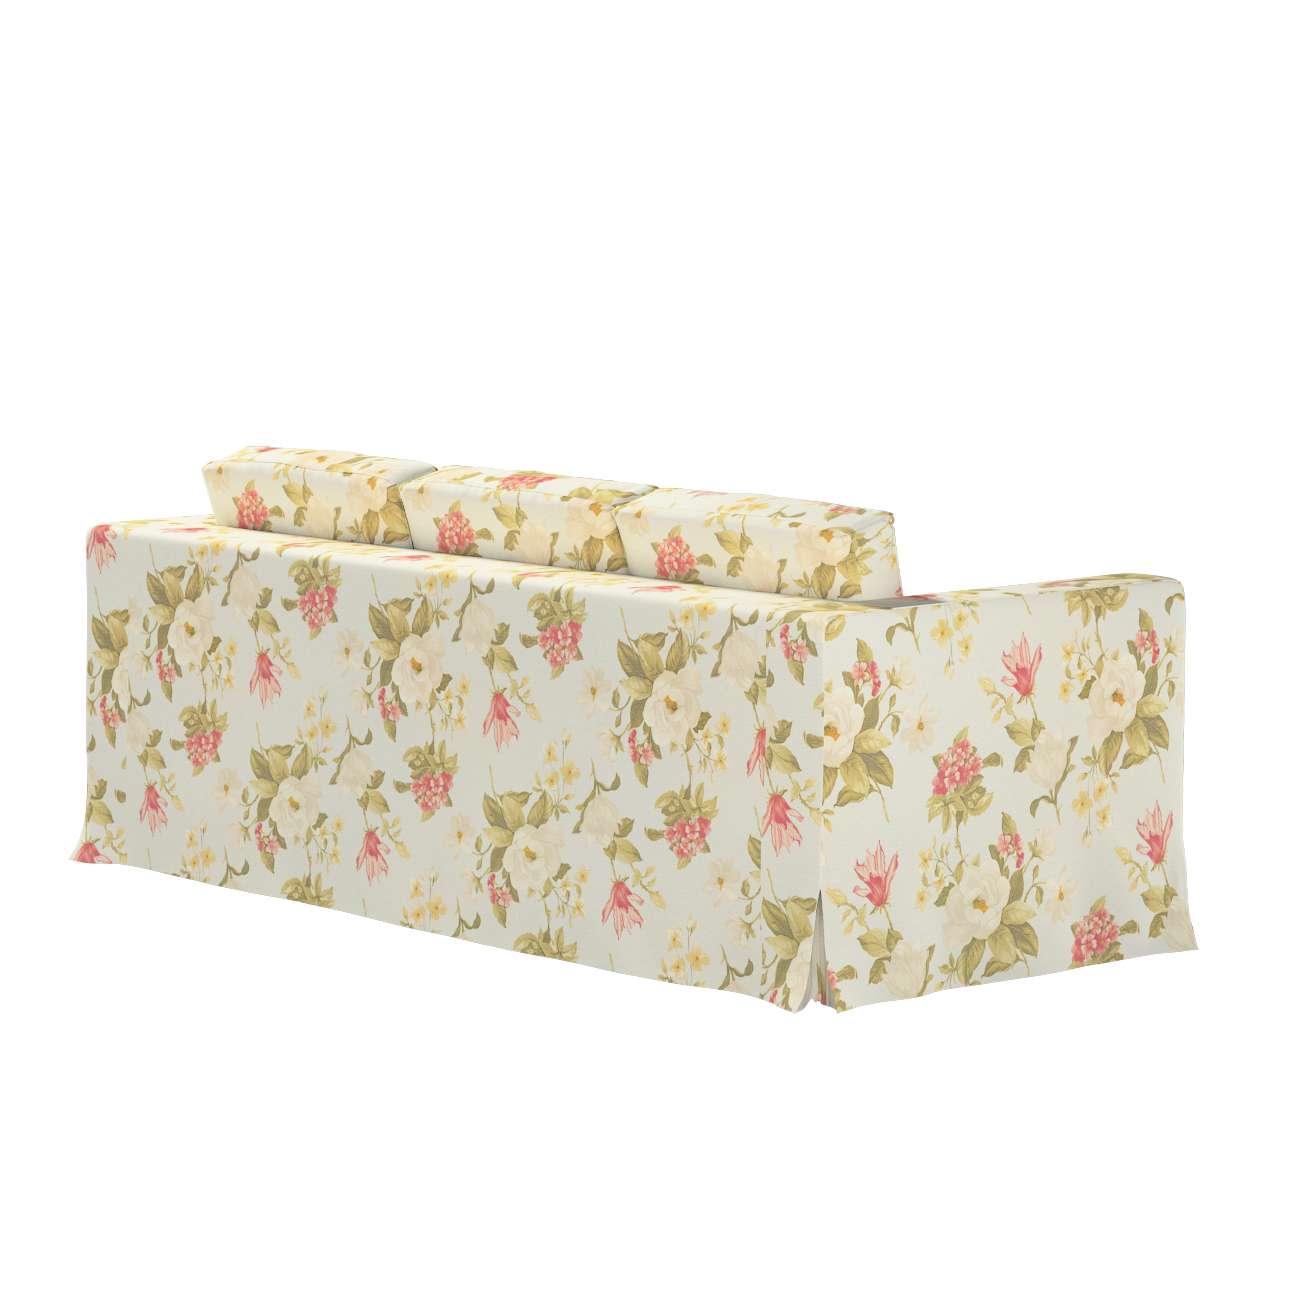 Bezug für Karlanda 3-Sitzer Sofa nicht ausklappbar, lang von der Kollektion Londres, Stoff: 123-65